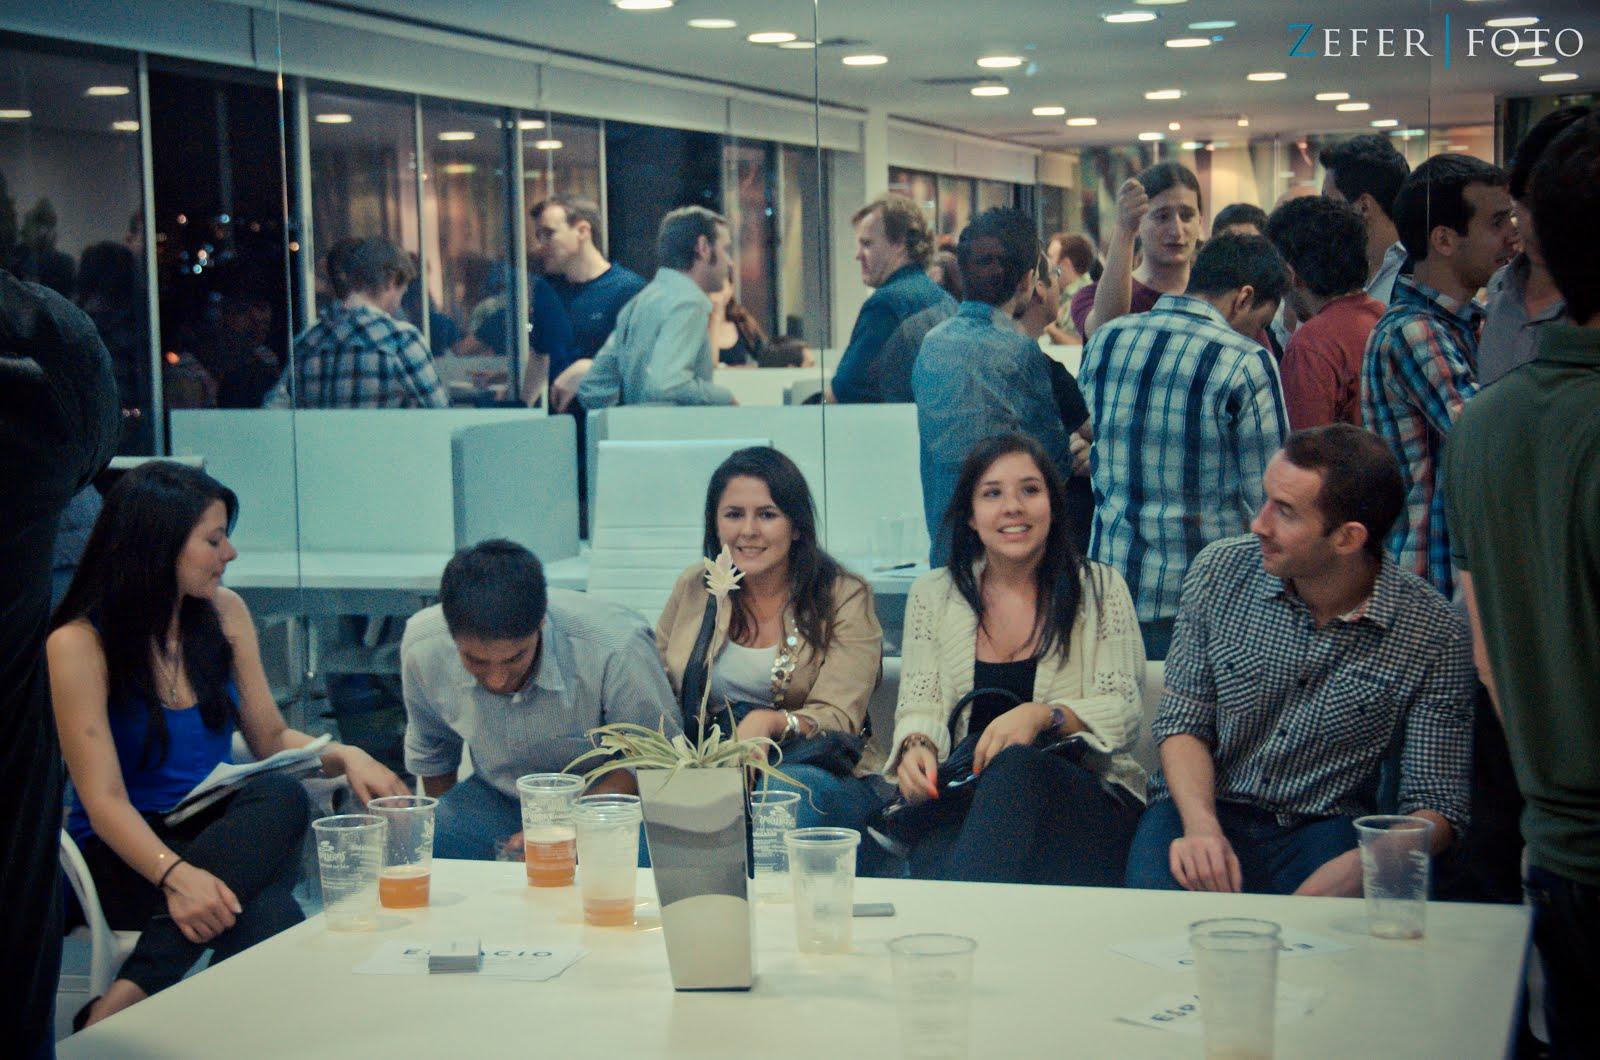 Medellin Parque Lleras Office Party